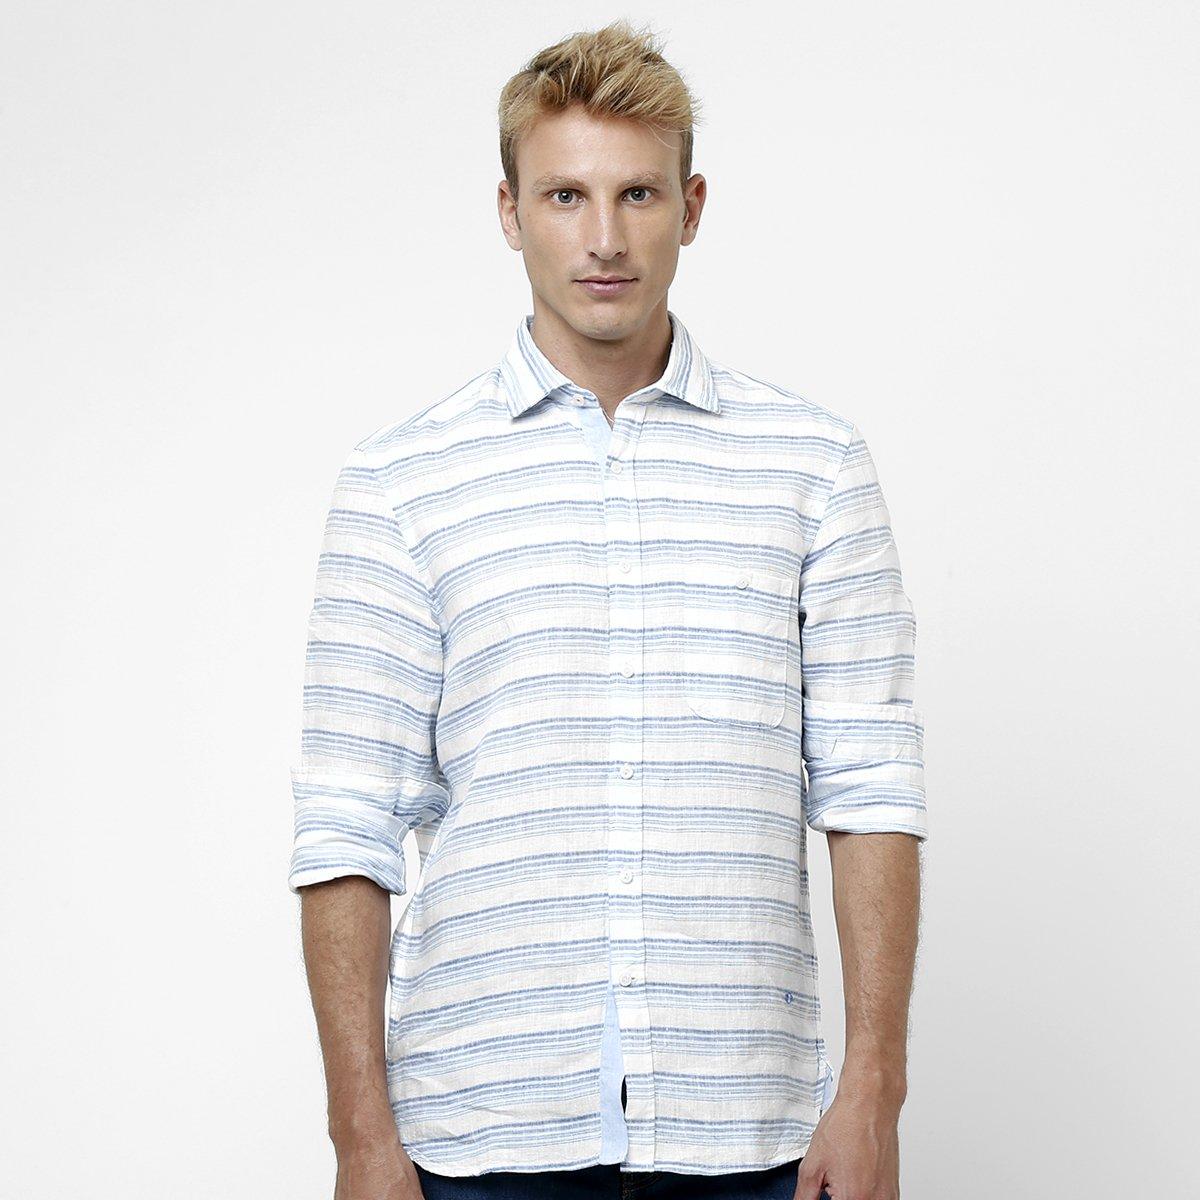 c2e2db39a0020 Camisa Richards Linho Listrada - Compre Agora